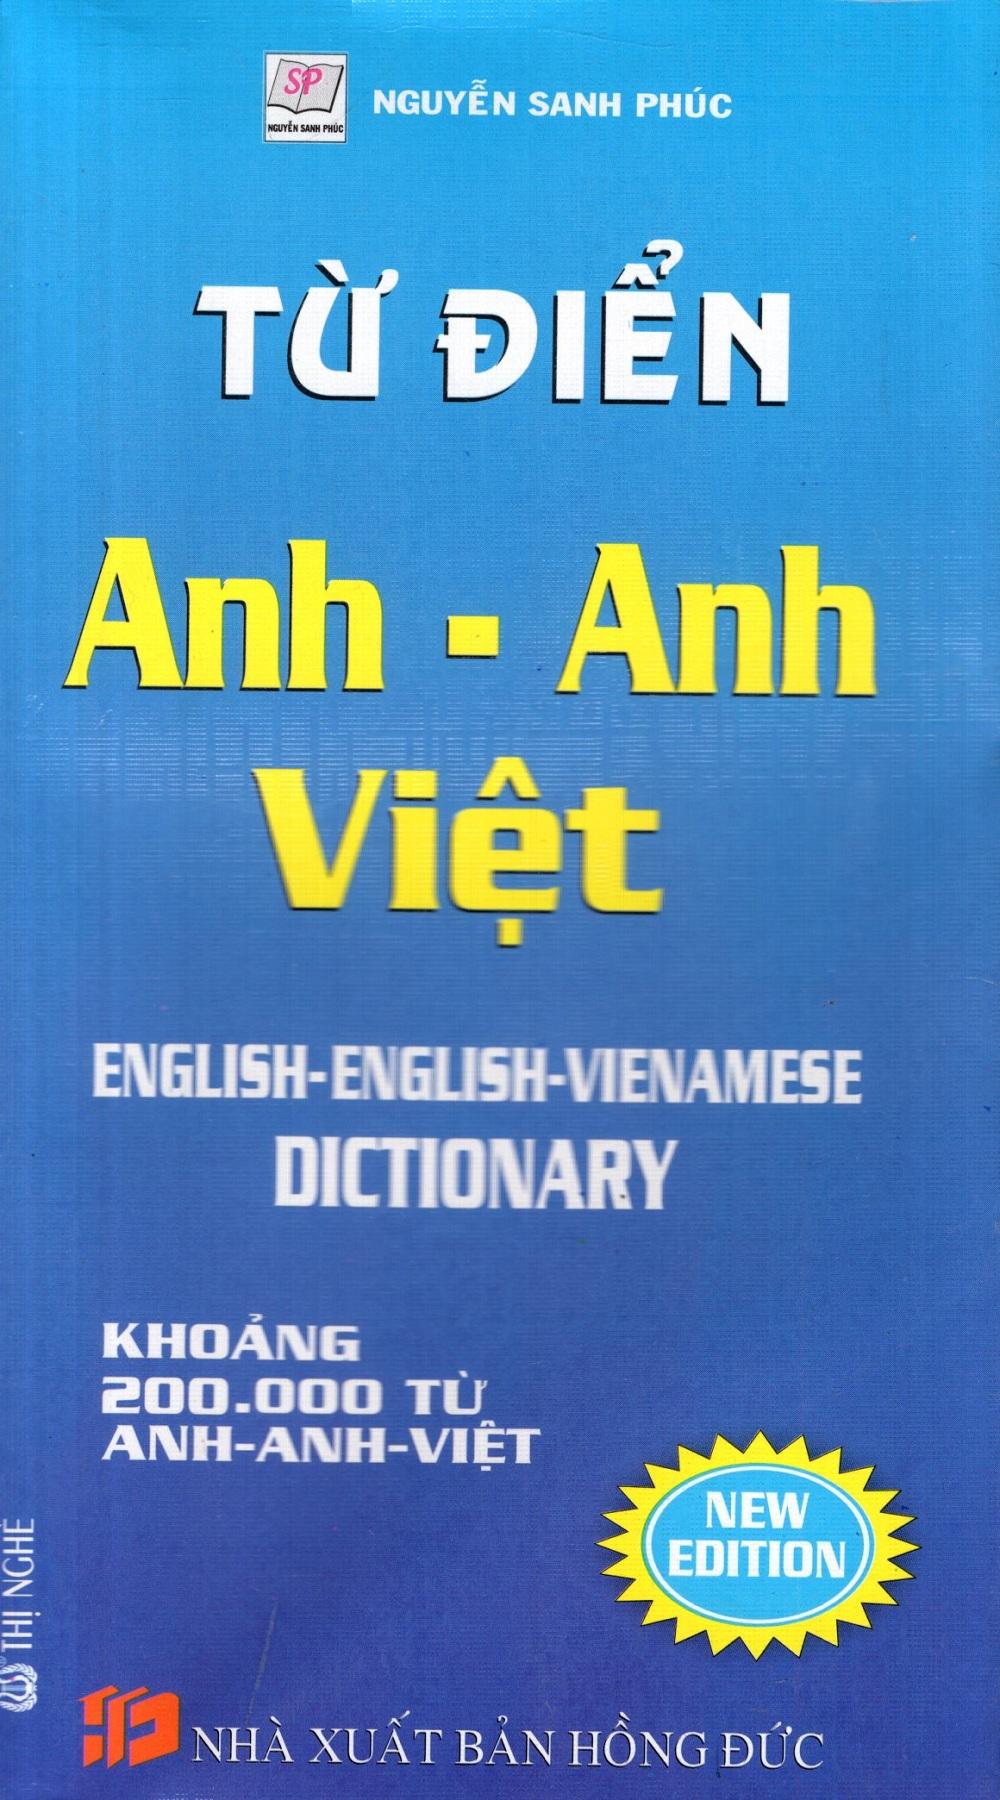 Từ Điển Anh - Anh - Việt (Khoảng 200.000 Từ)